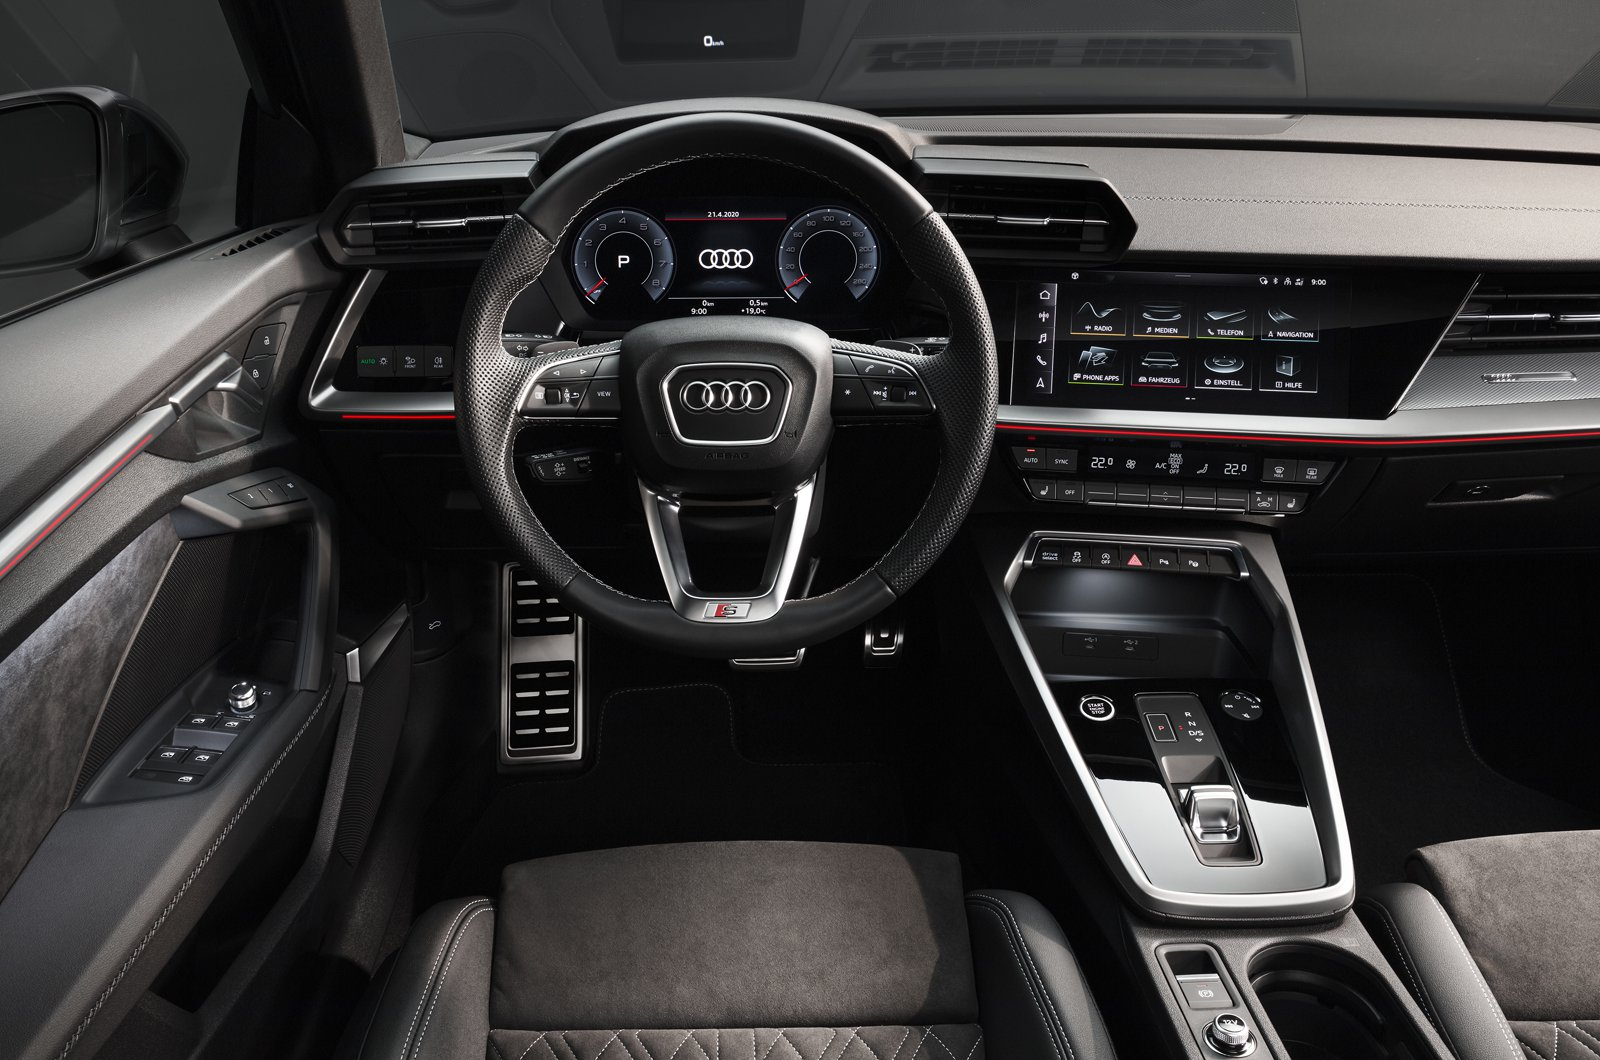 2020 Audi A3 Saloon dashboard